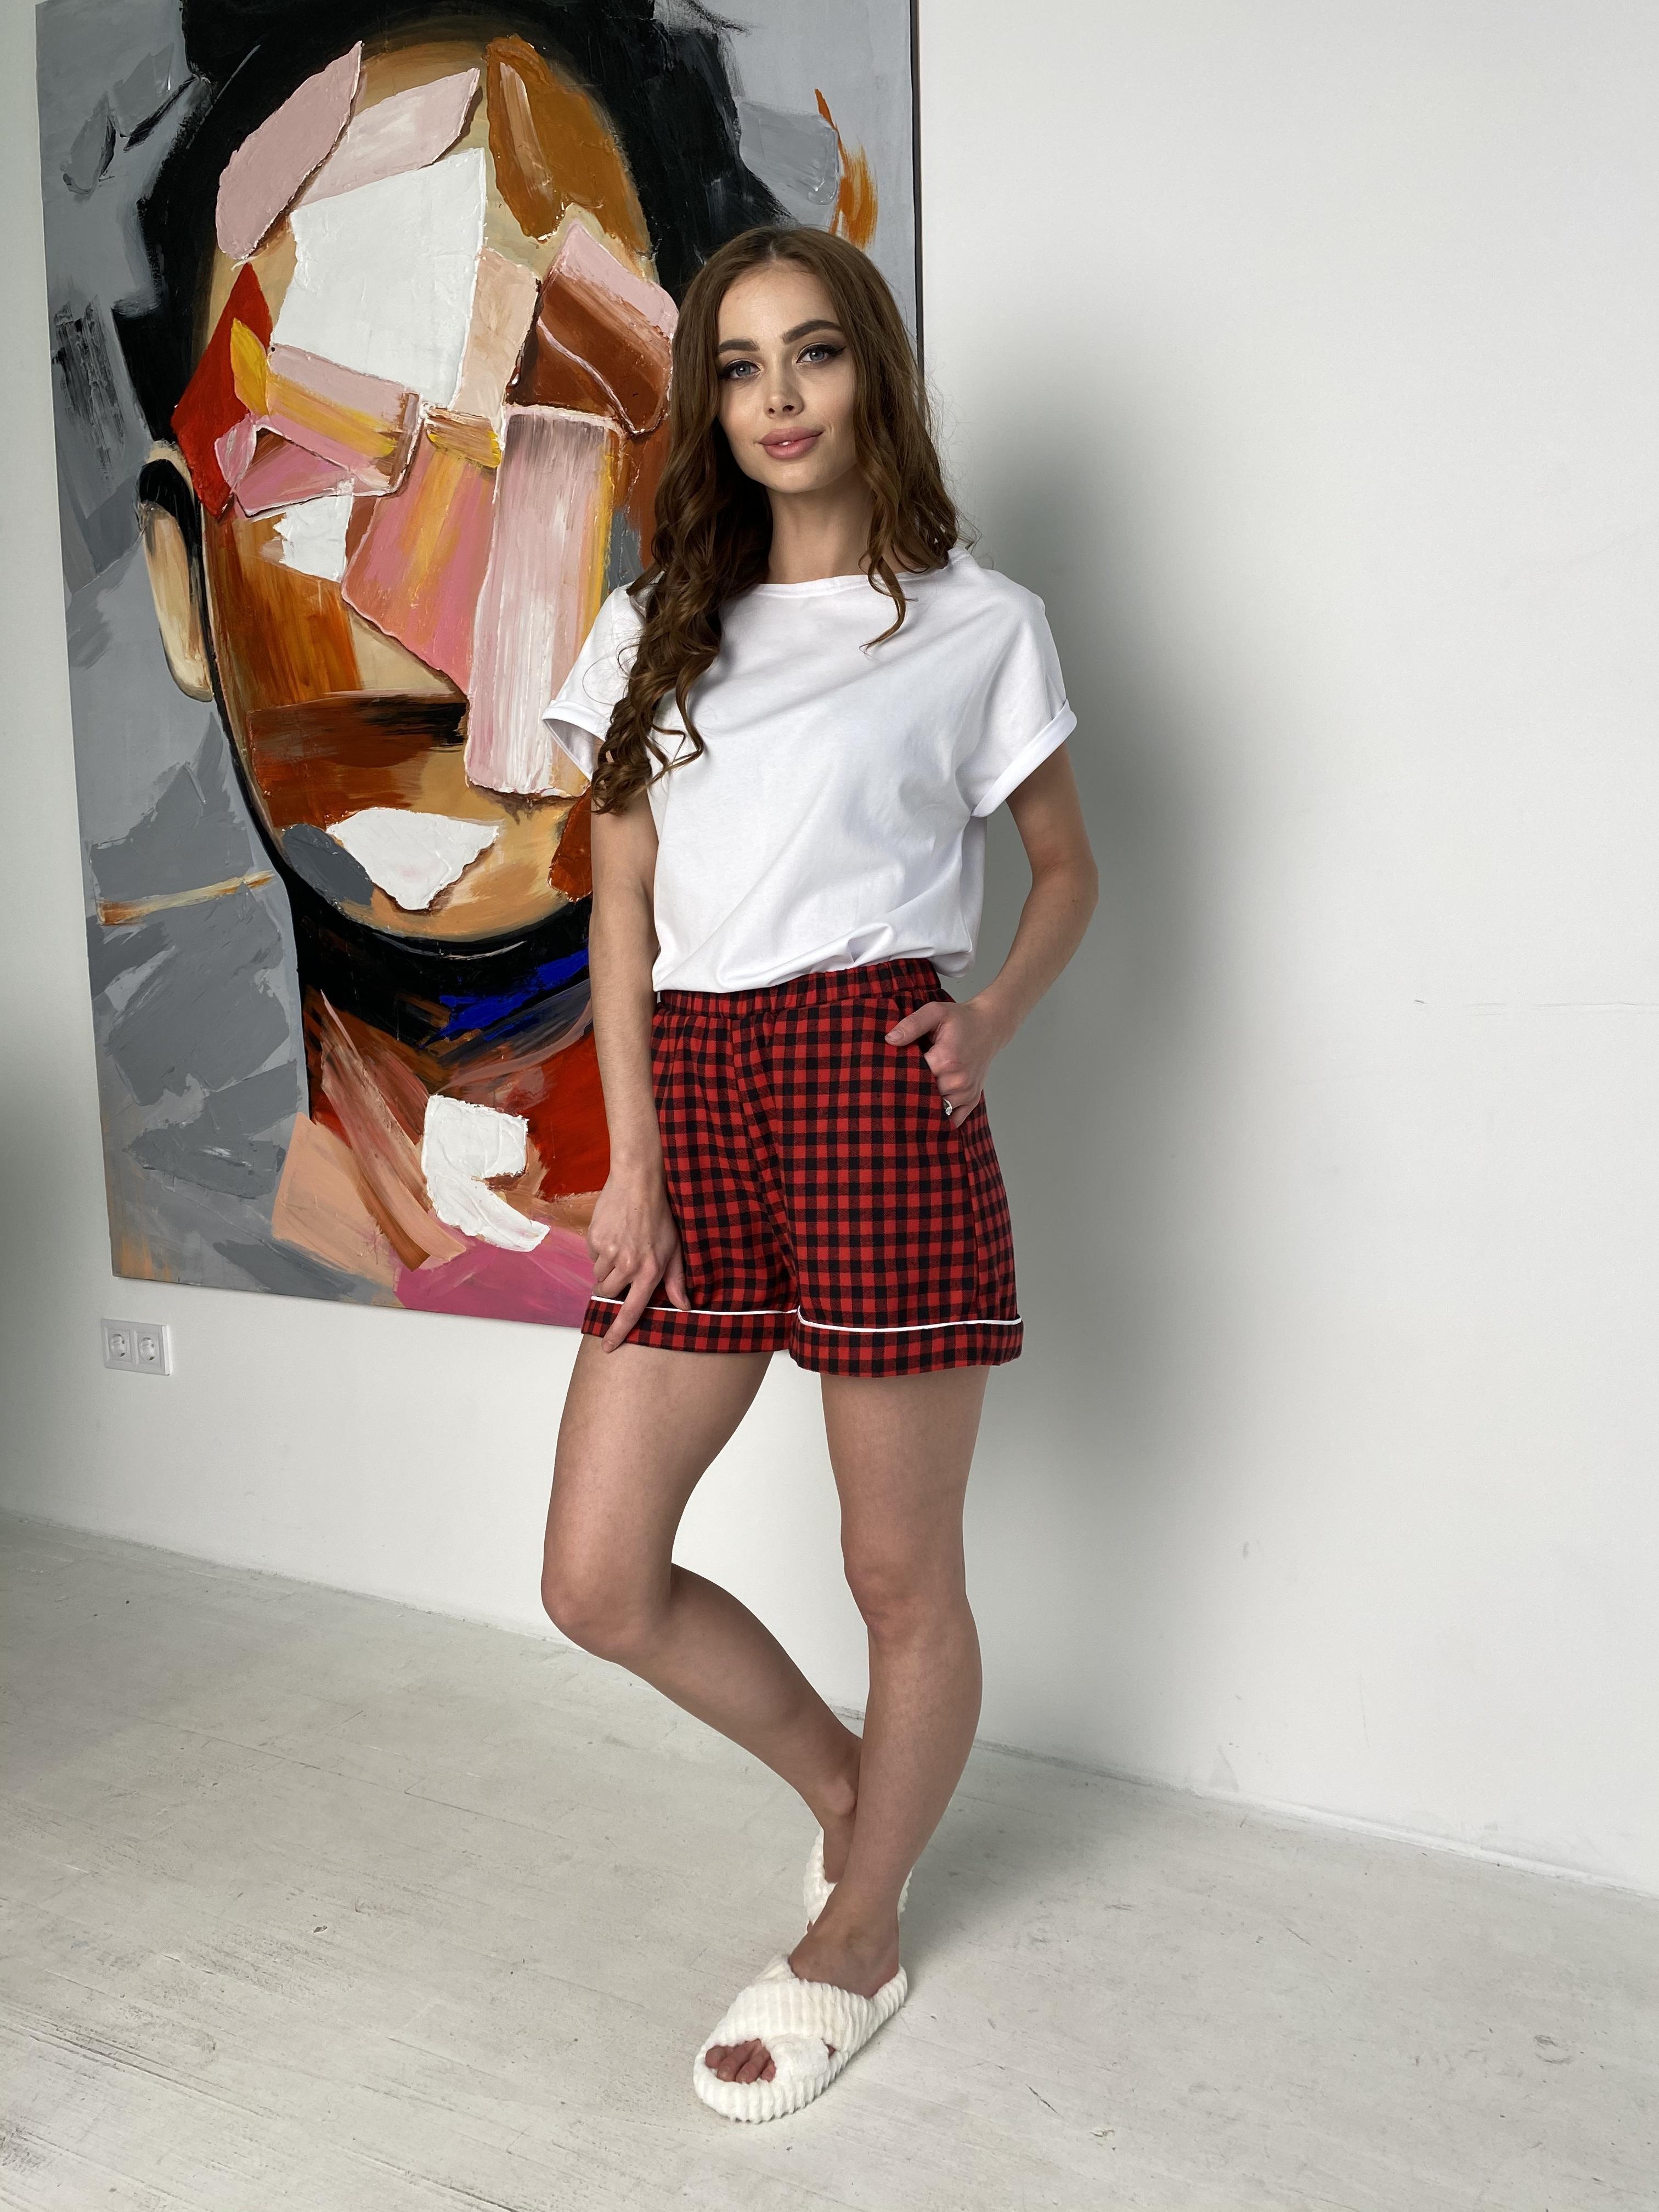 Тедди комплект  (шорты футболка) 10484 АРТ. 46801 Цвет: Красный/т.синий - фото 1, интернет магазин tm-modus.ru